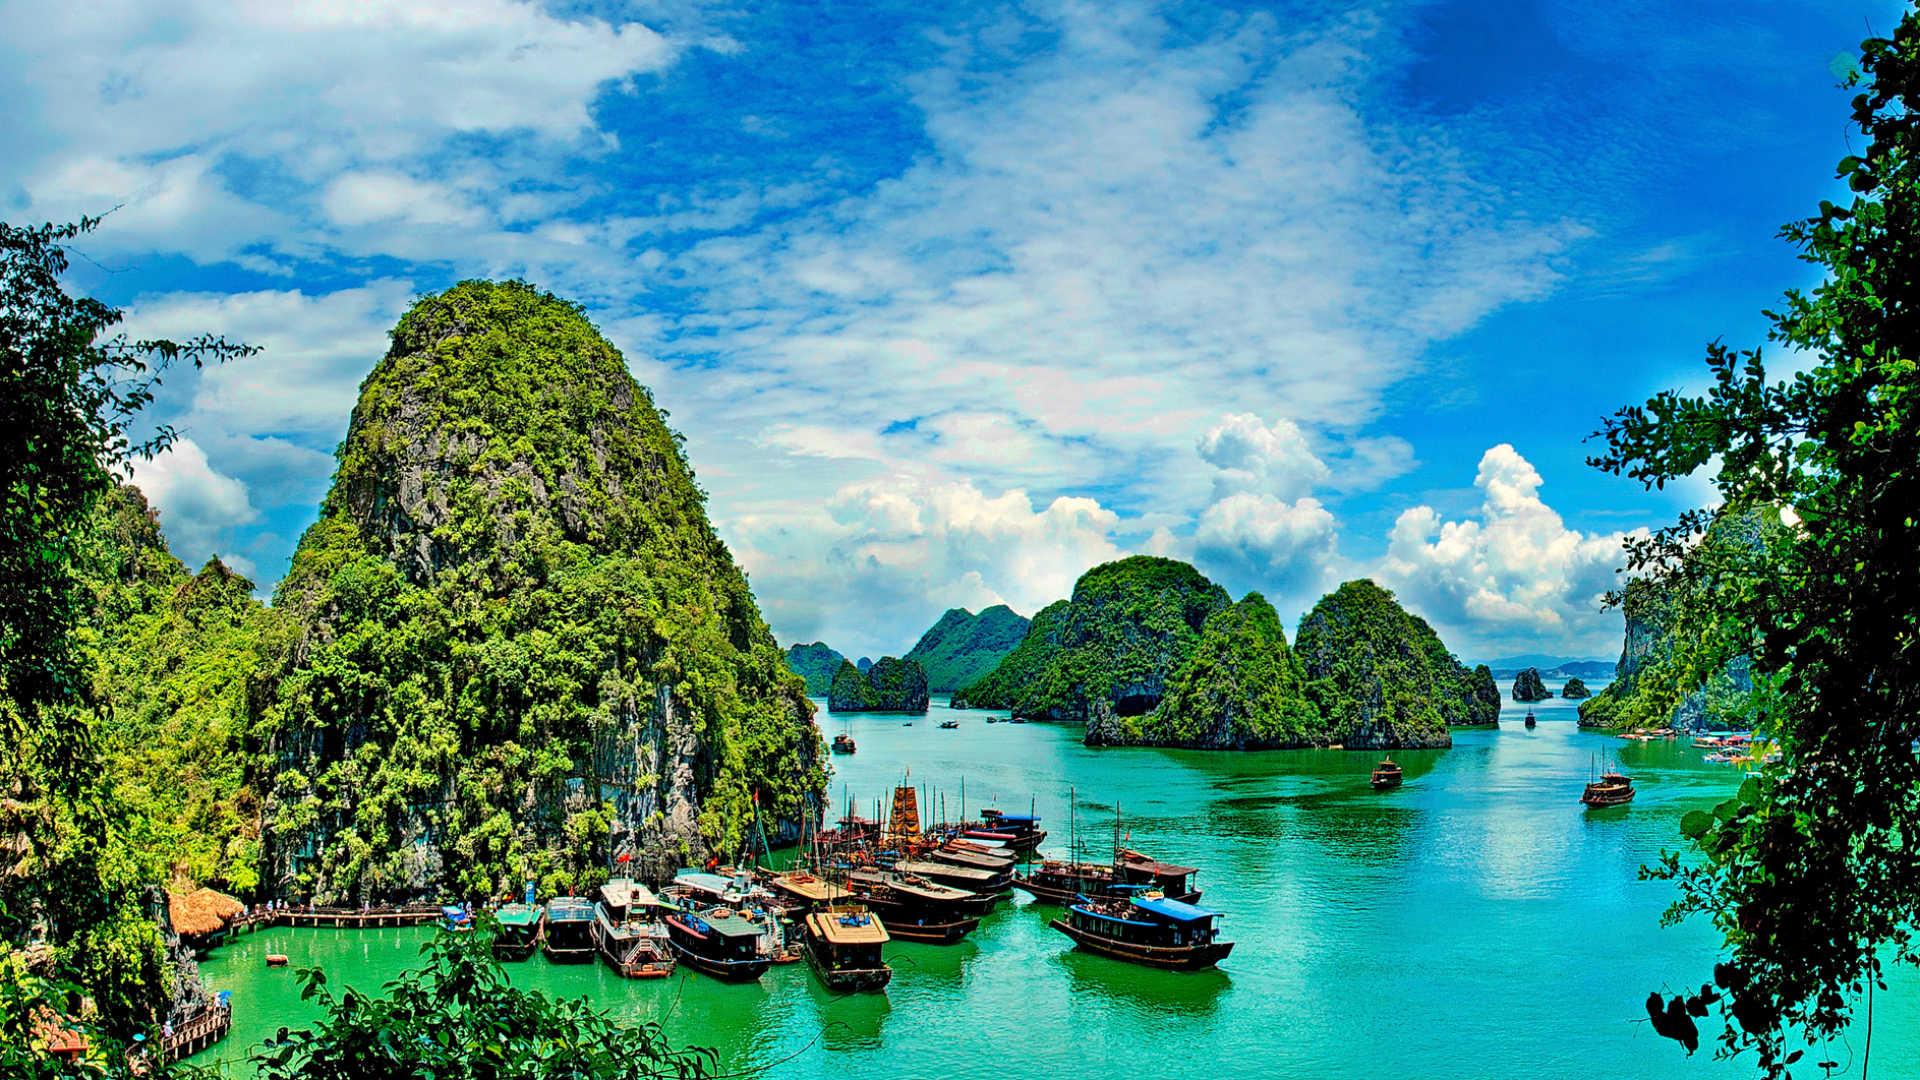 چرا تایلند را برای سفر انتخاب کنیم